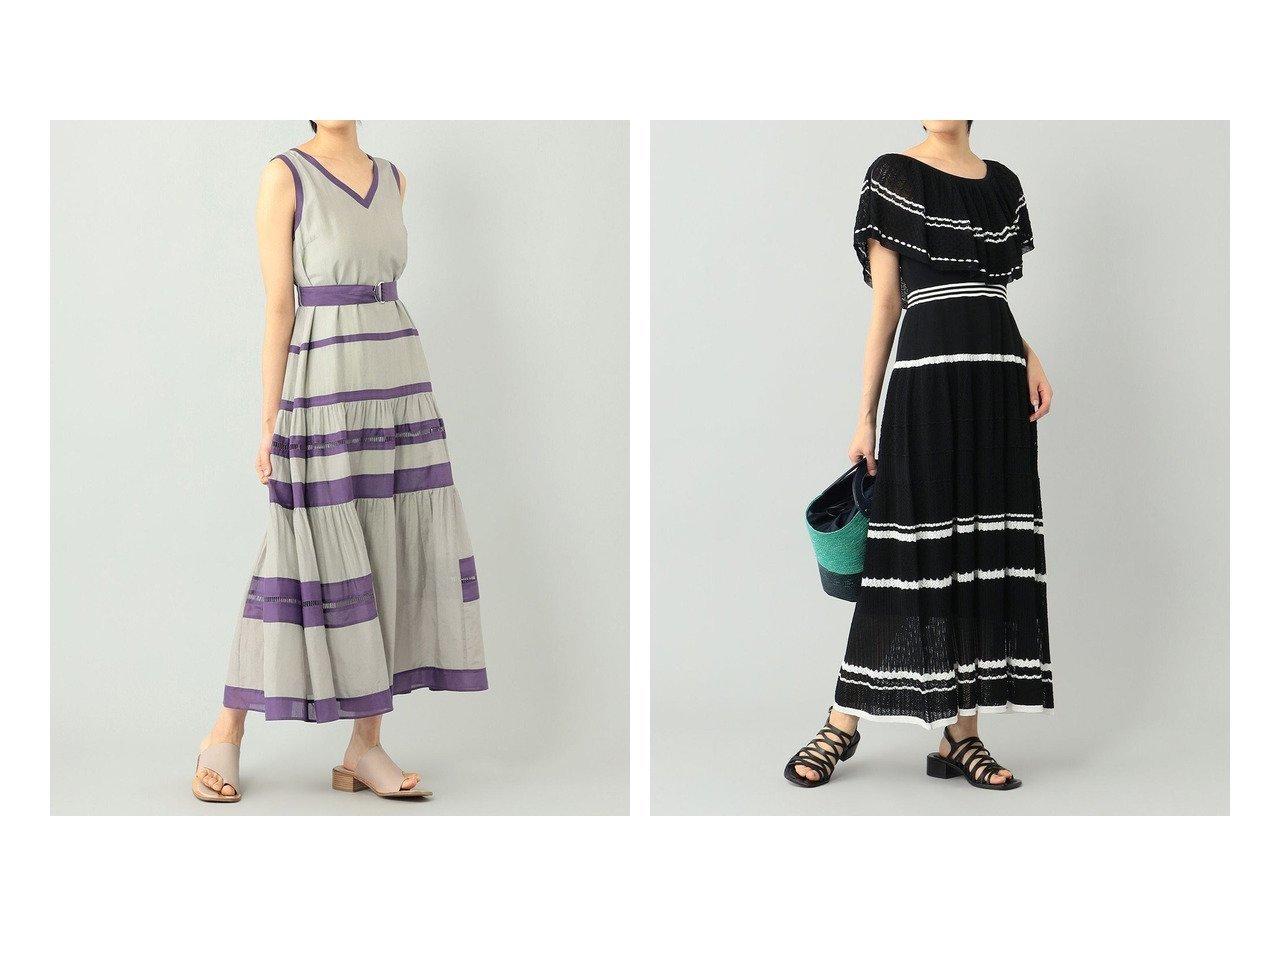 【GRACE CONTINENTAL/グレース コンチネンタル】のバイカラー切替ワンピース&バイカラーレーシーニットワンピース 【ワンピース・ドレス】おすすめ!人気、トレンド・レディースファッションの通販   おすすめで人気の流行・トレンド、ファッションの通販商品 インテリア・家具・メンズファッション・キッズファッション・レディースファッション・服の通販 founy(ファニー) https://founy.com/ ファッション Fashion レディースファッション WOMEN ワンピース Dress ニットワンピース Knit Dresses 送料無料 Free Shipping 再入荷 Restock/Back in Stock/Re Arrival 切替 |ID:crp329100000052283